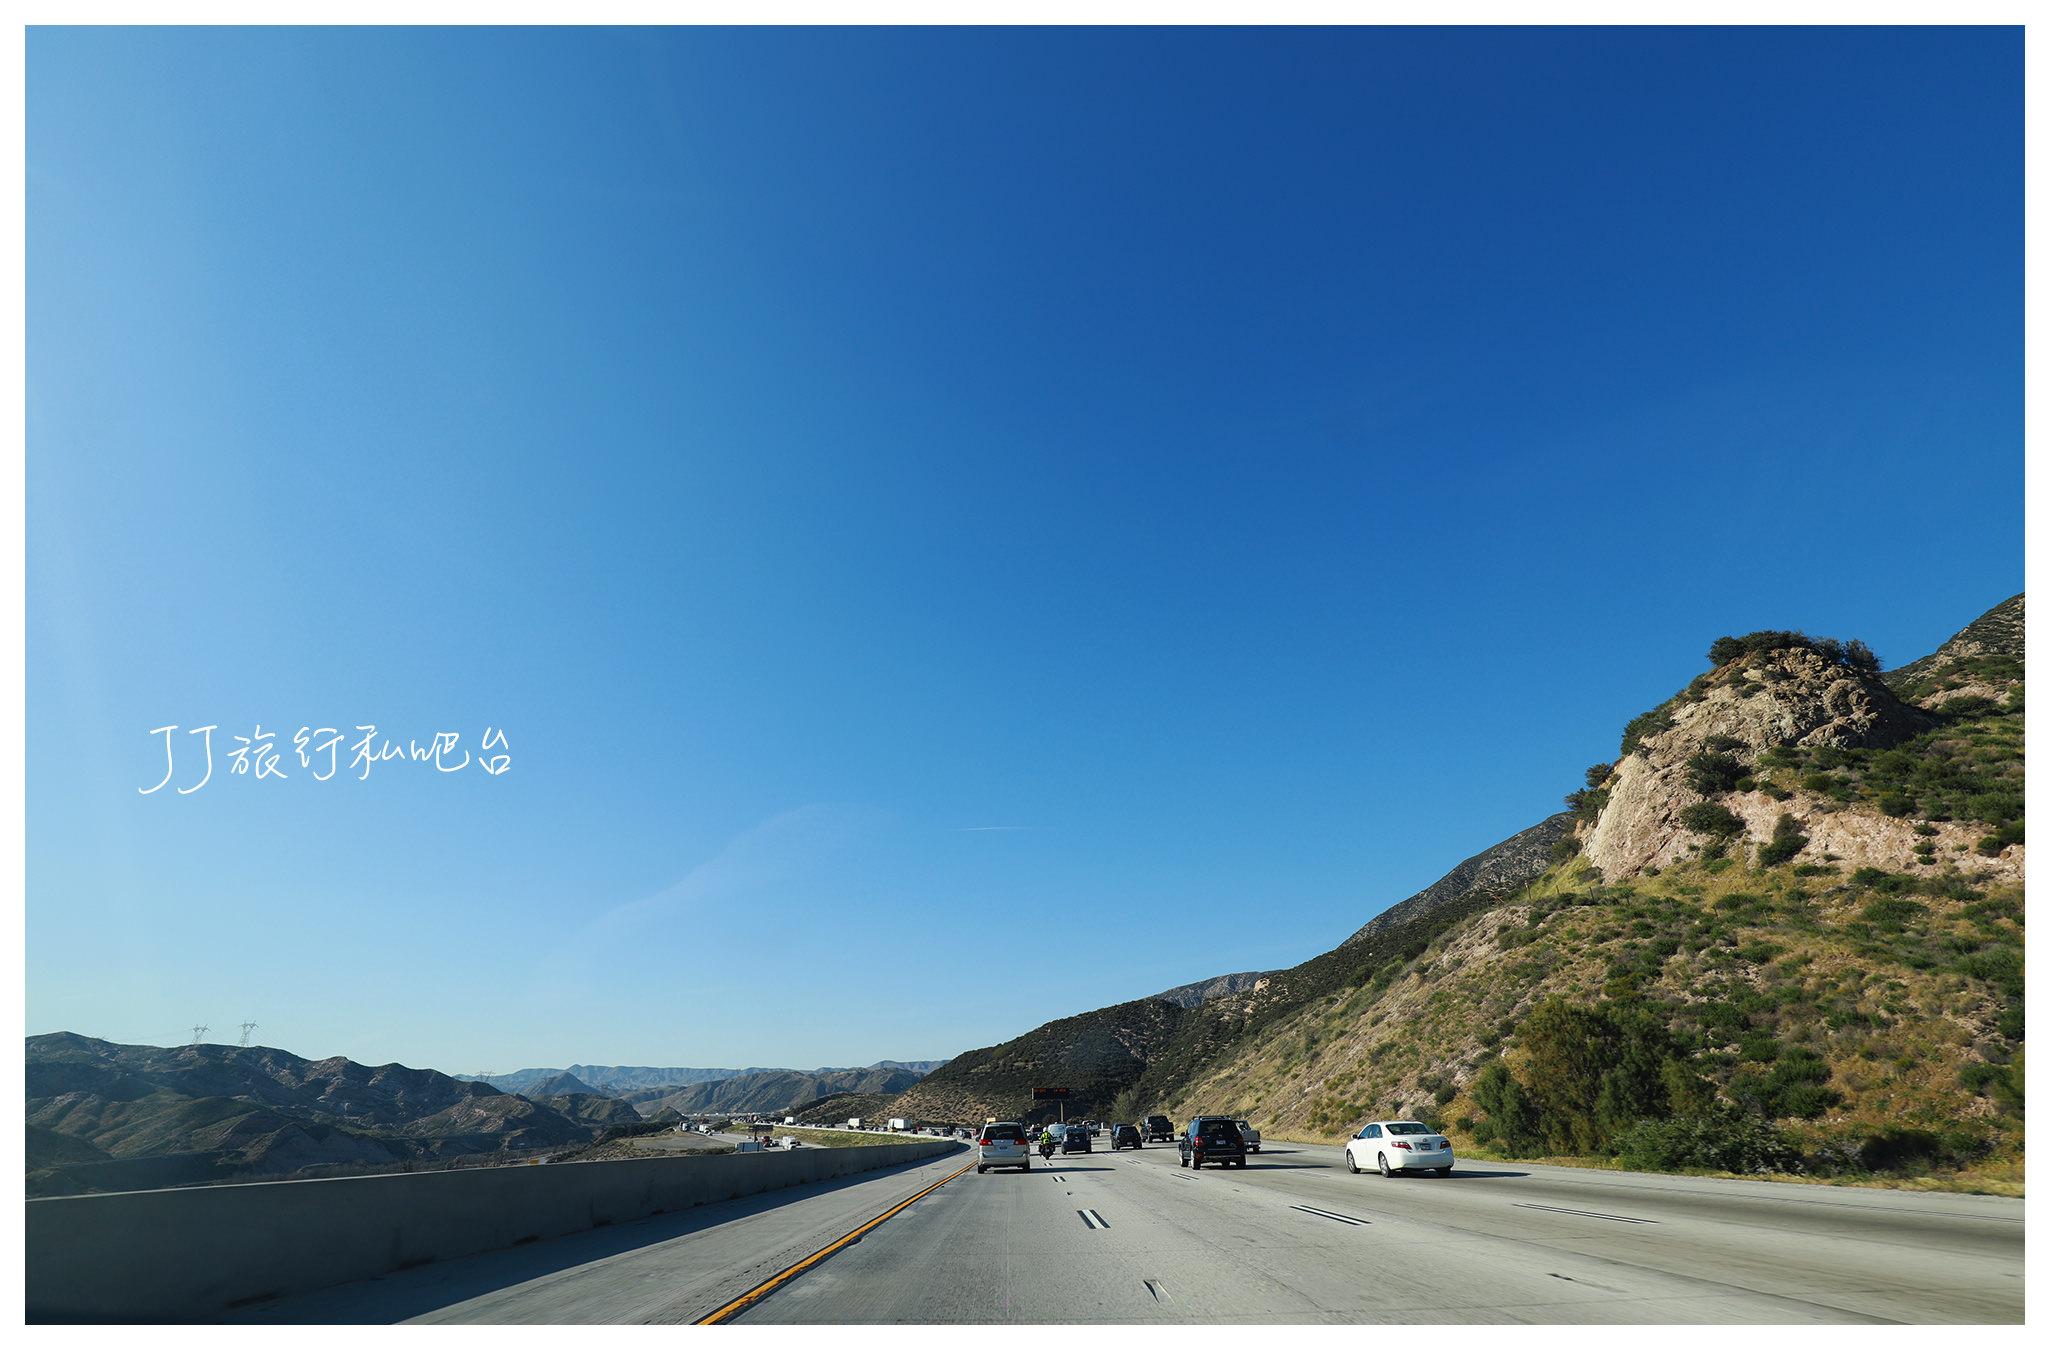 受保護的文章:2018拉斯維加斯自由行攻略|簽證、交通、行程安排、美食、購物看一篇就好!